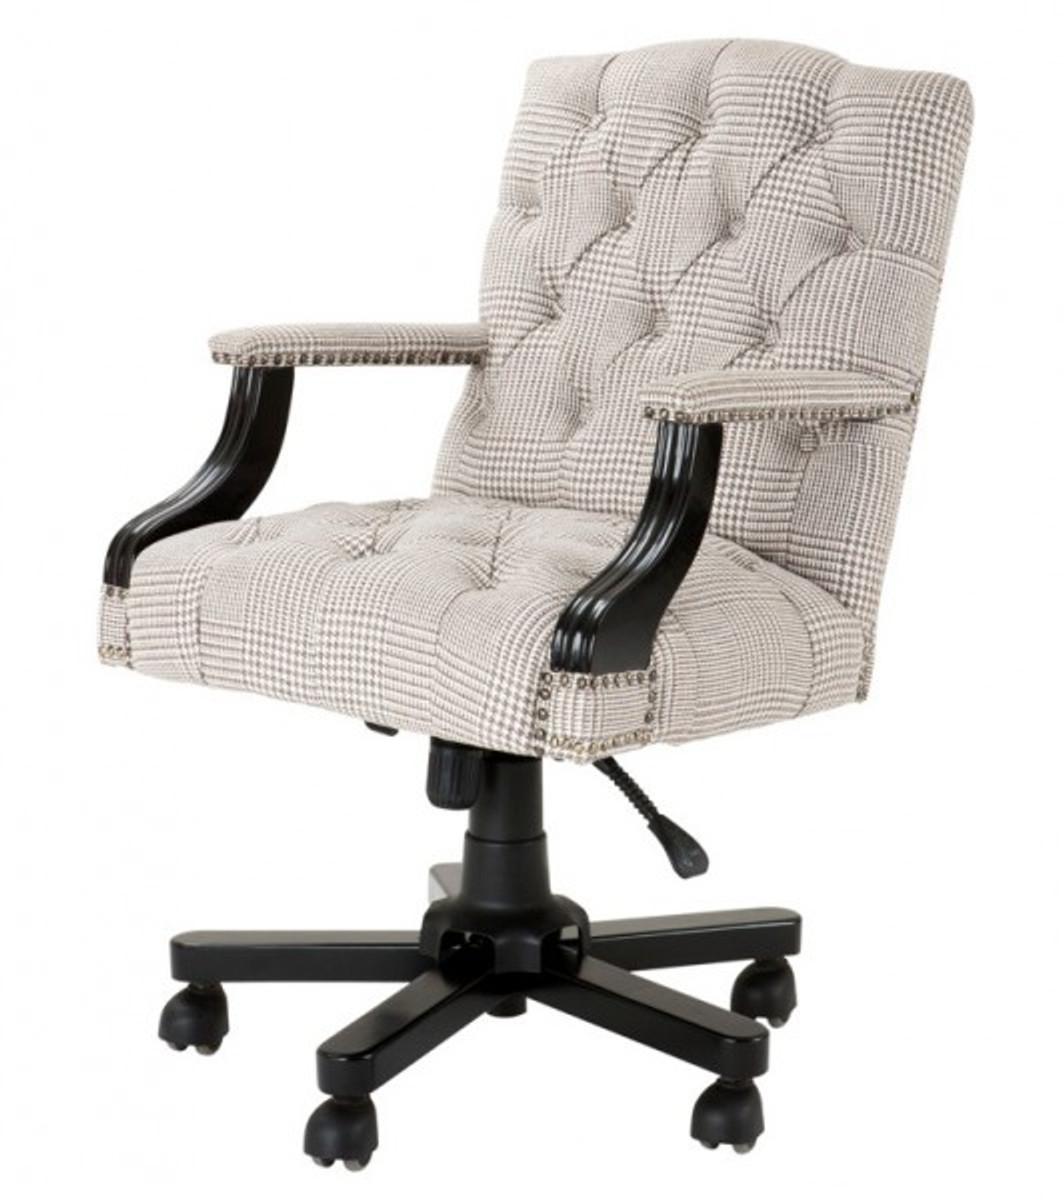 Chef Stuhl Drehstuhl Schreibtisch Büro Creme Braun Luxus j3L4Aq5R